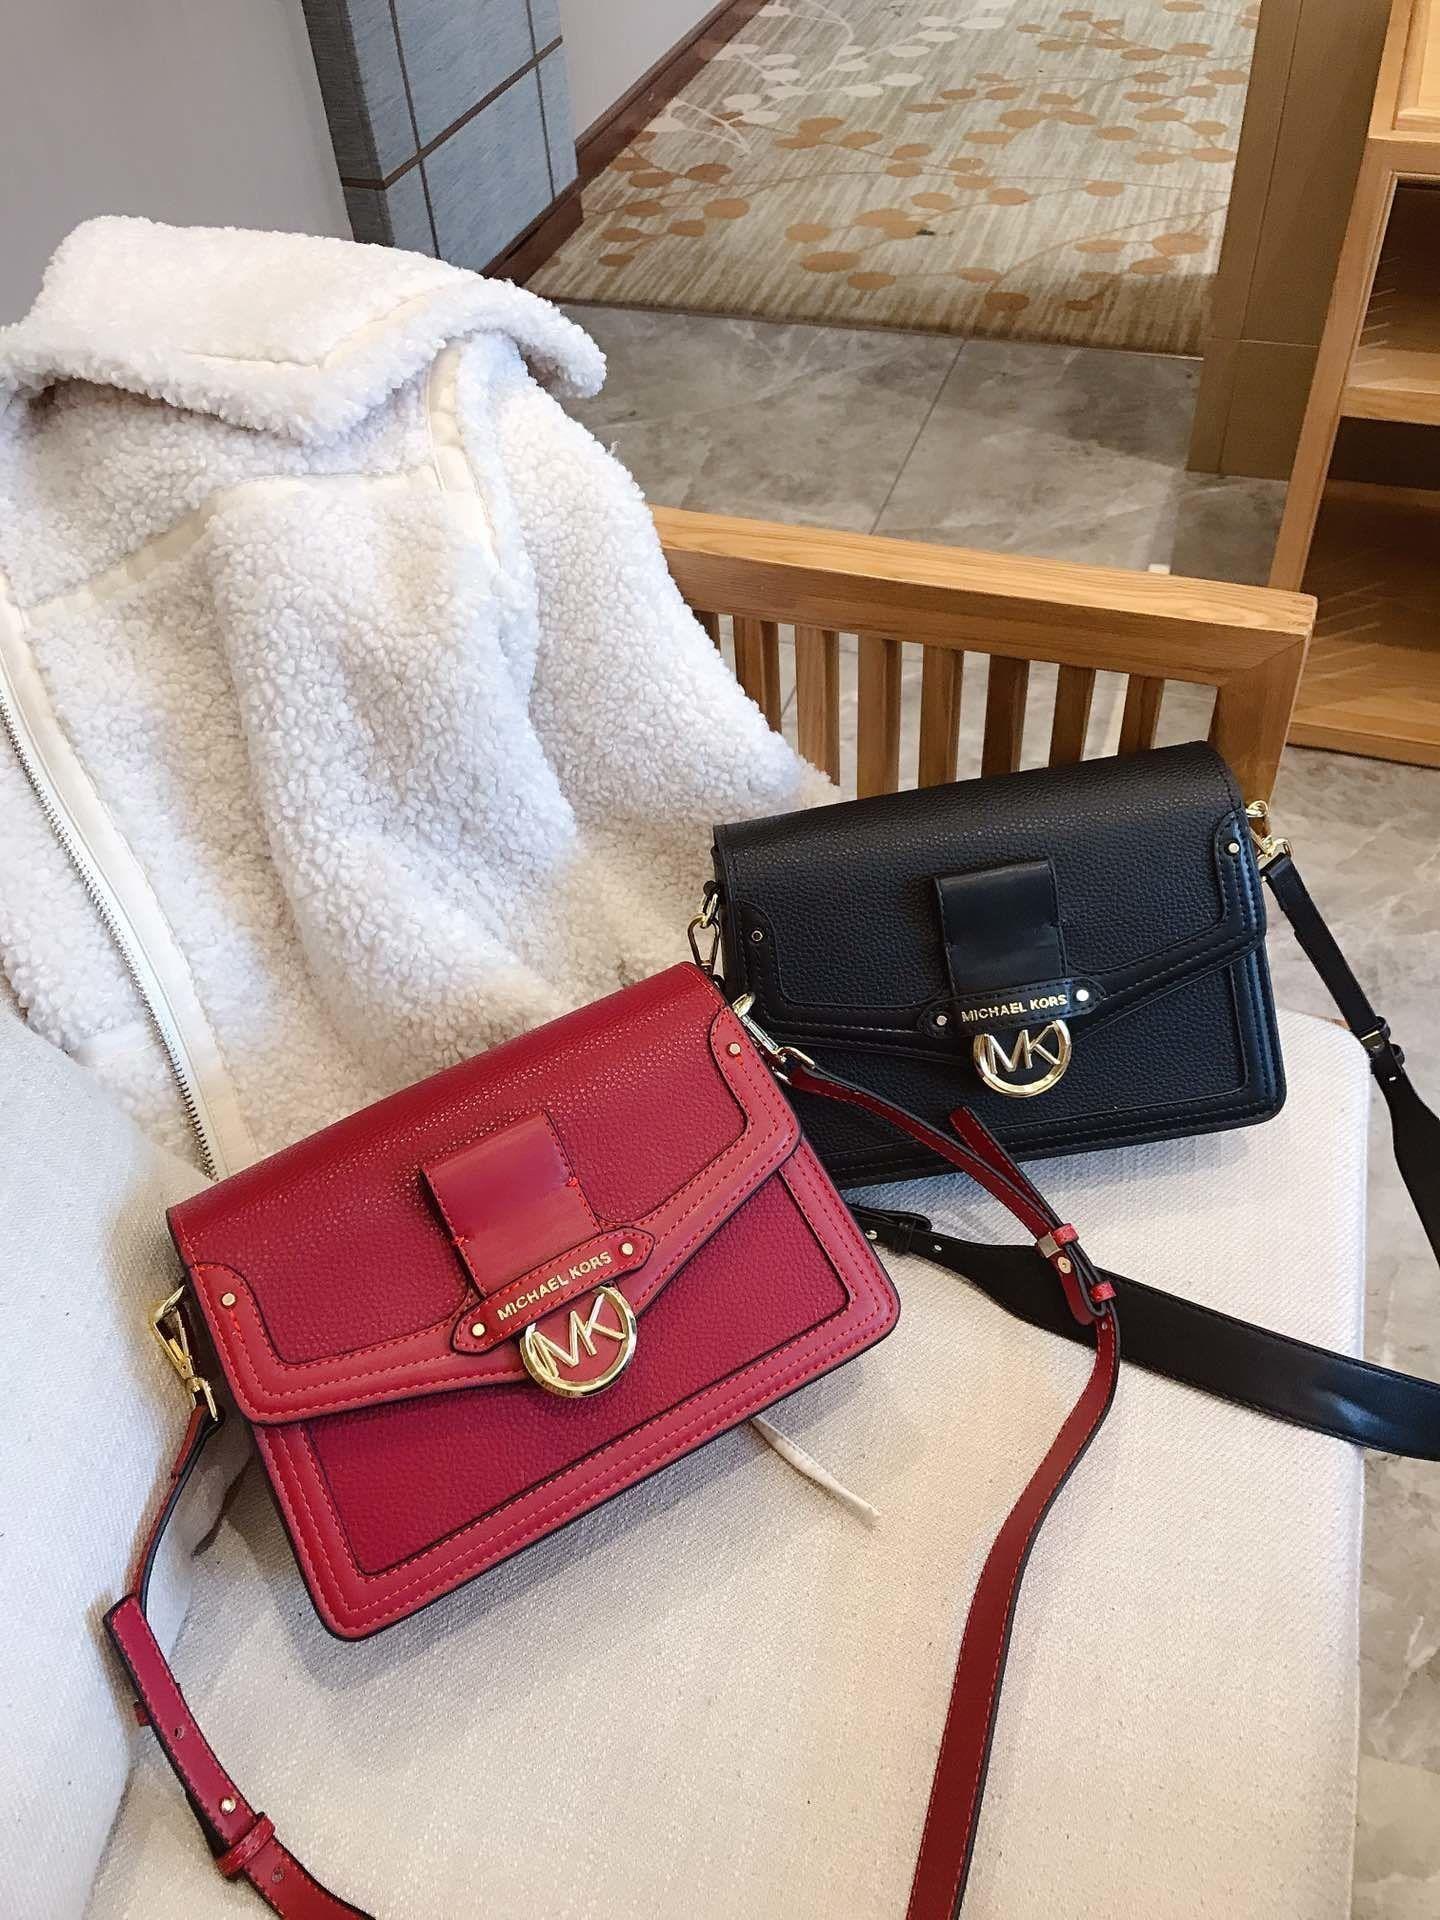 2020 neue Art Frauen Schulterhandtasche Mode Frauen Handtaschen hochwertige Handtaschen Geldbörsen C3W6